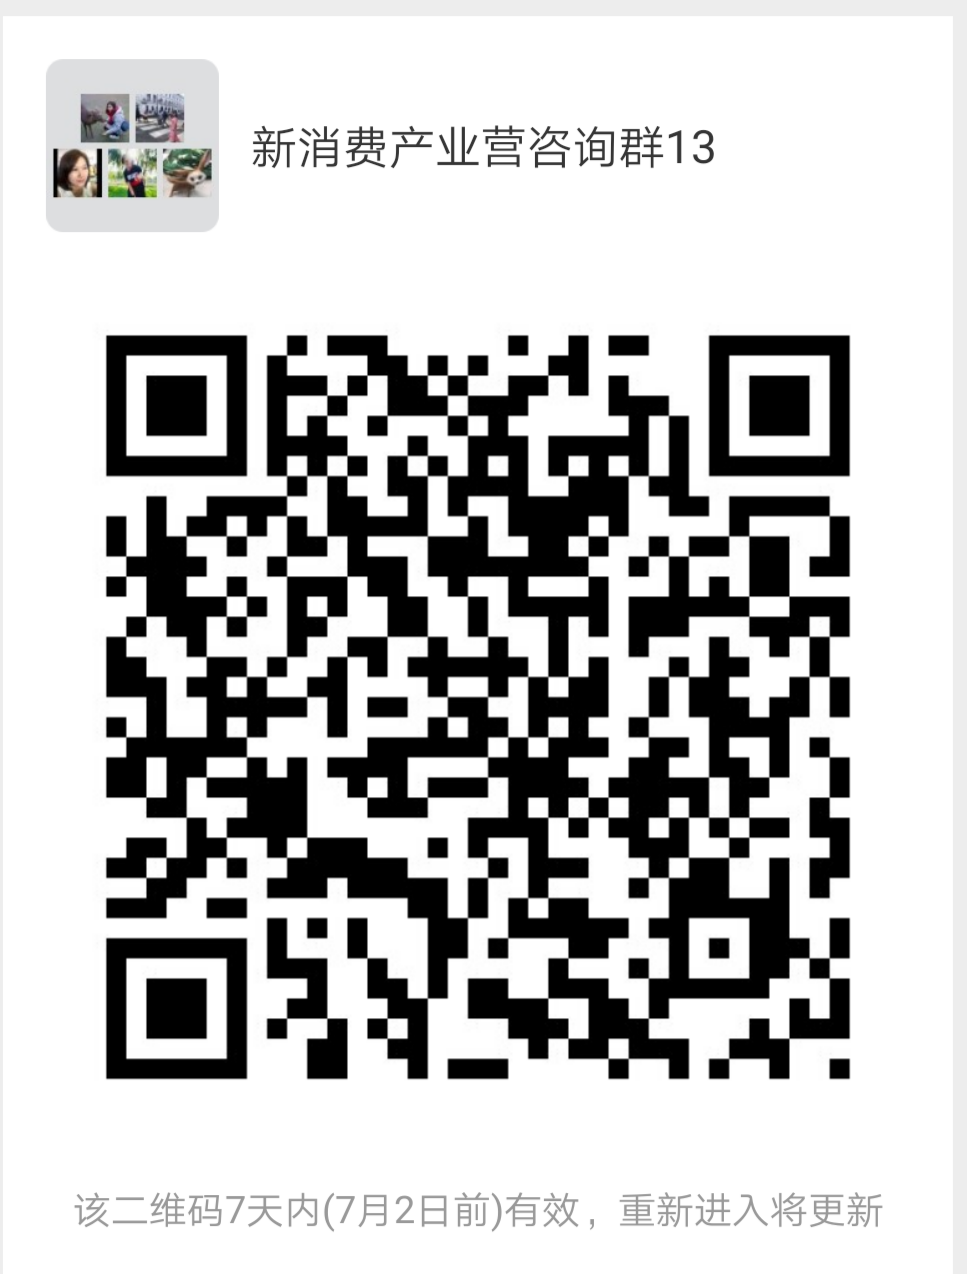 87fc3ba06b827a8bd70d7615a12b58f.png